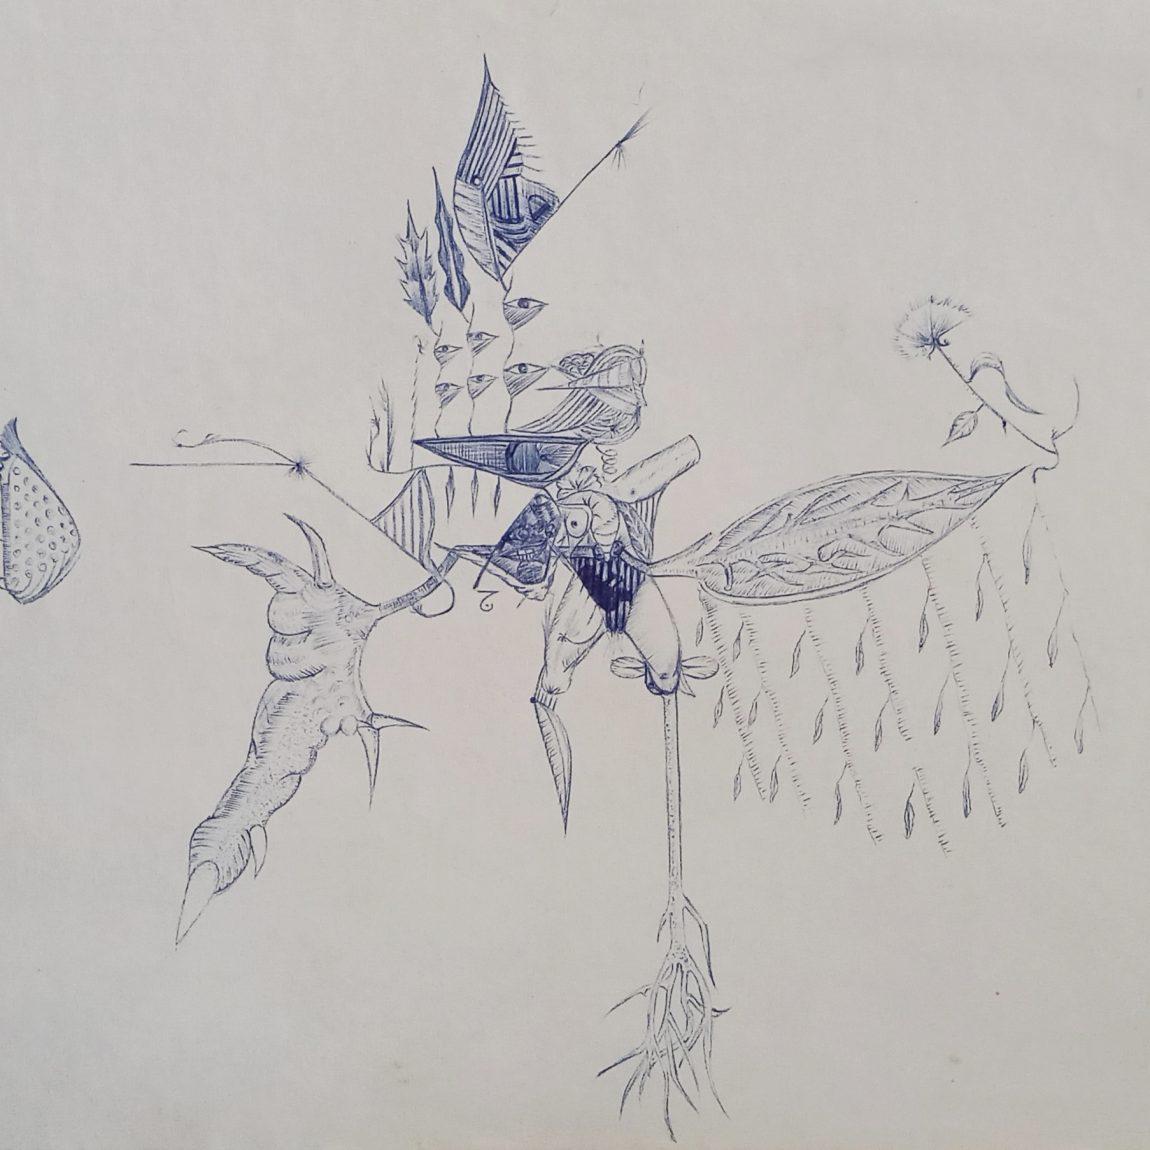 ECEVİT ÜRESİN Teknik: Kağıt  Üzeri Mürekkepli Kalem Ölçü: 25 x 20 cm  Fiyat : 590 TL